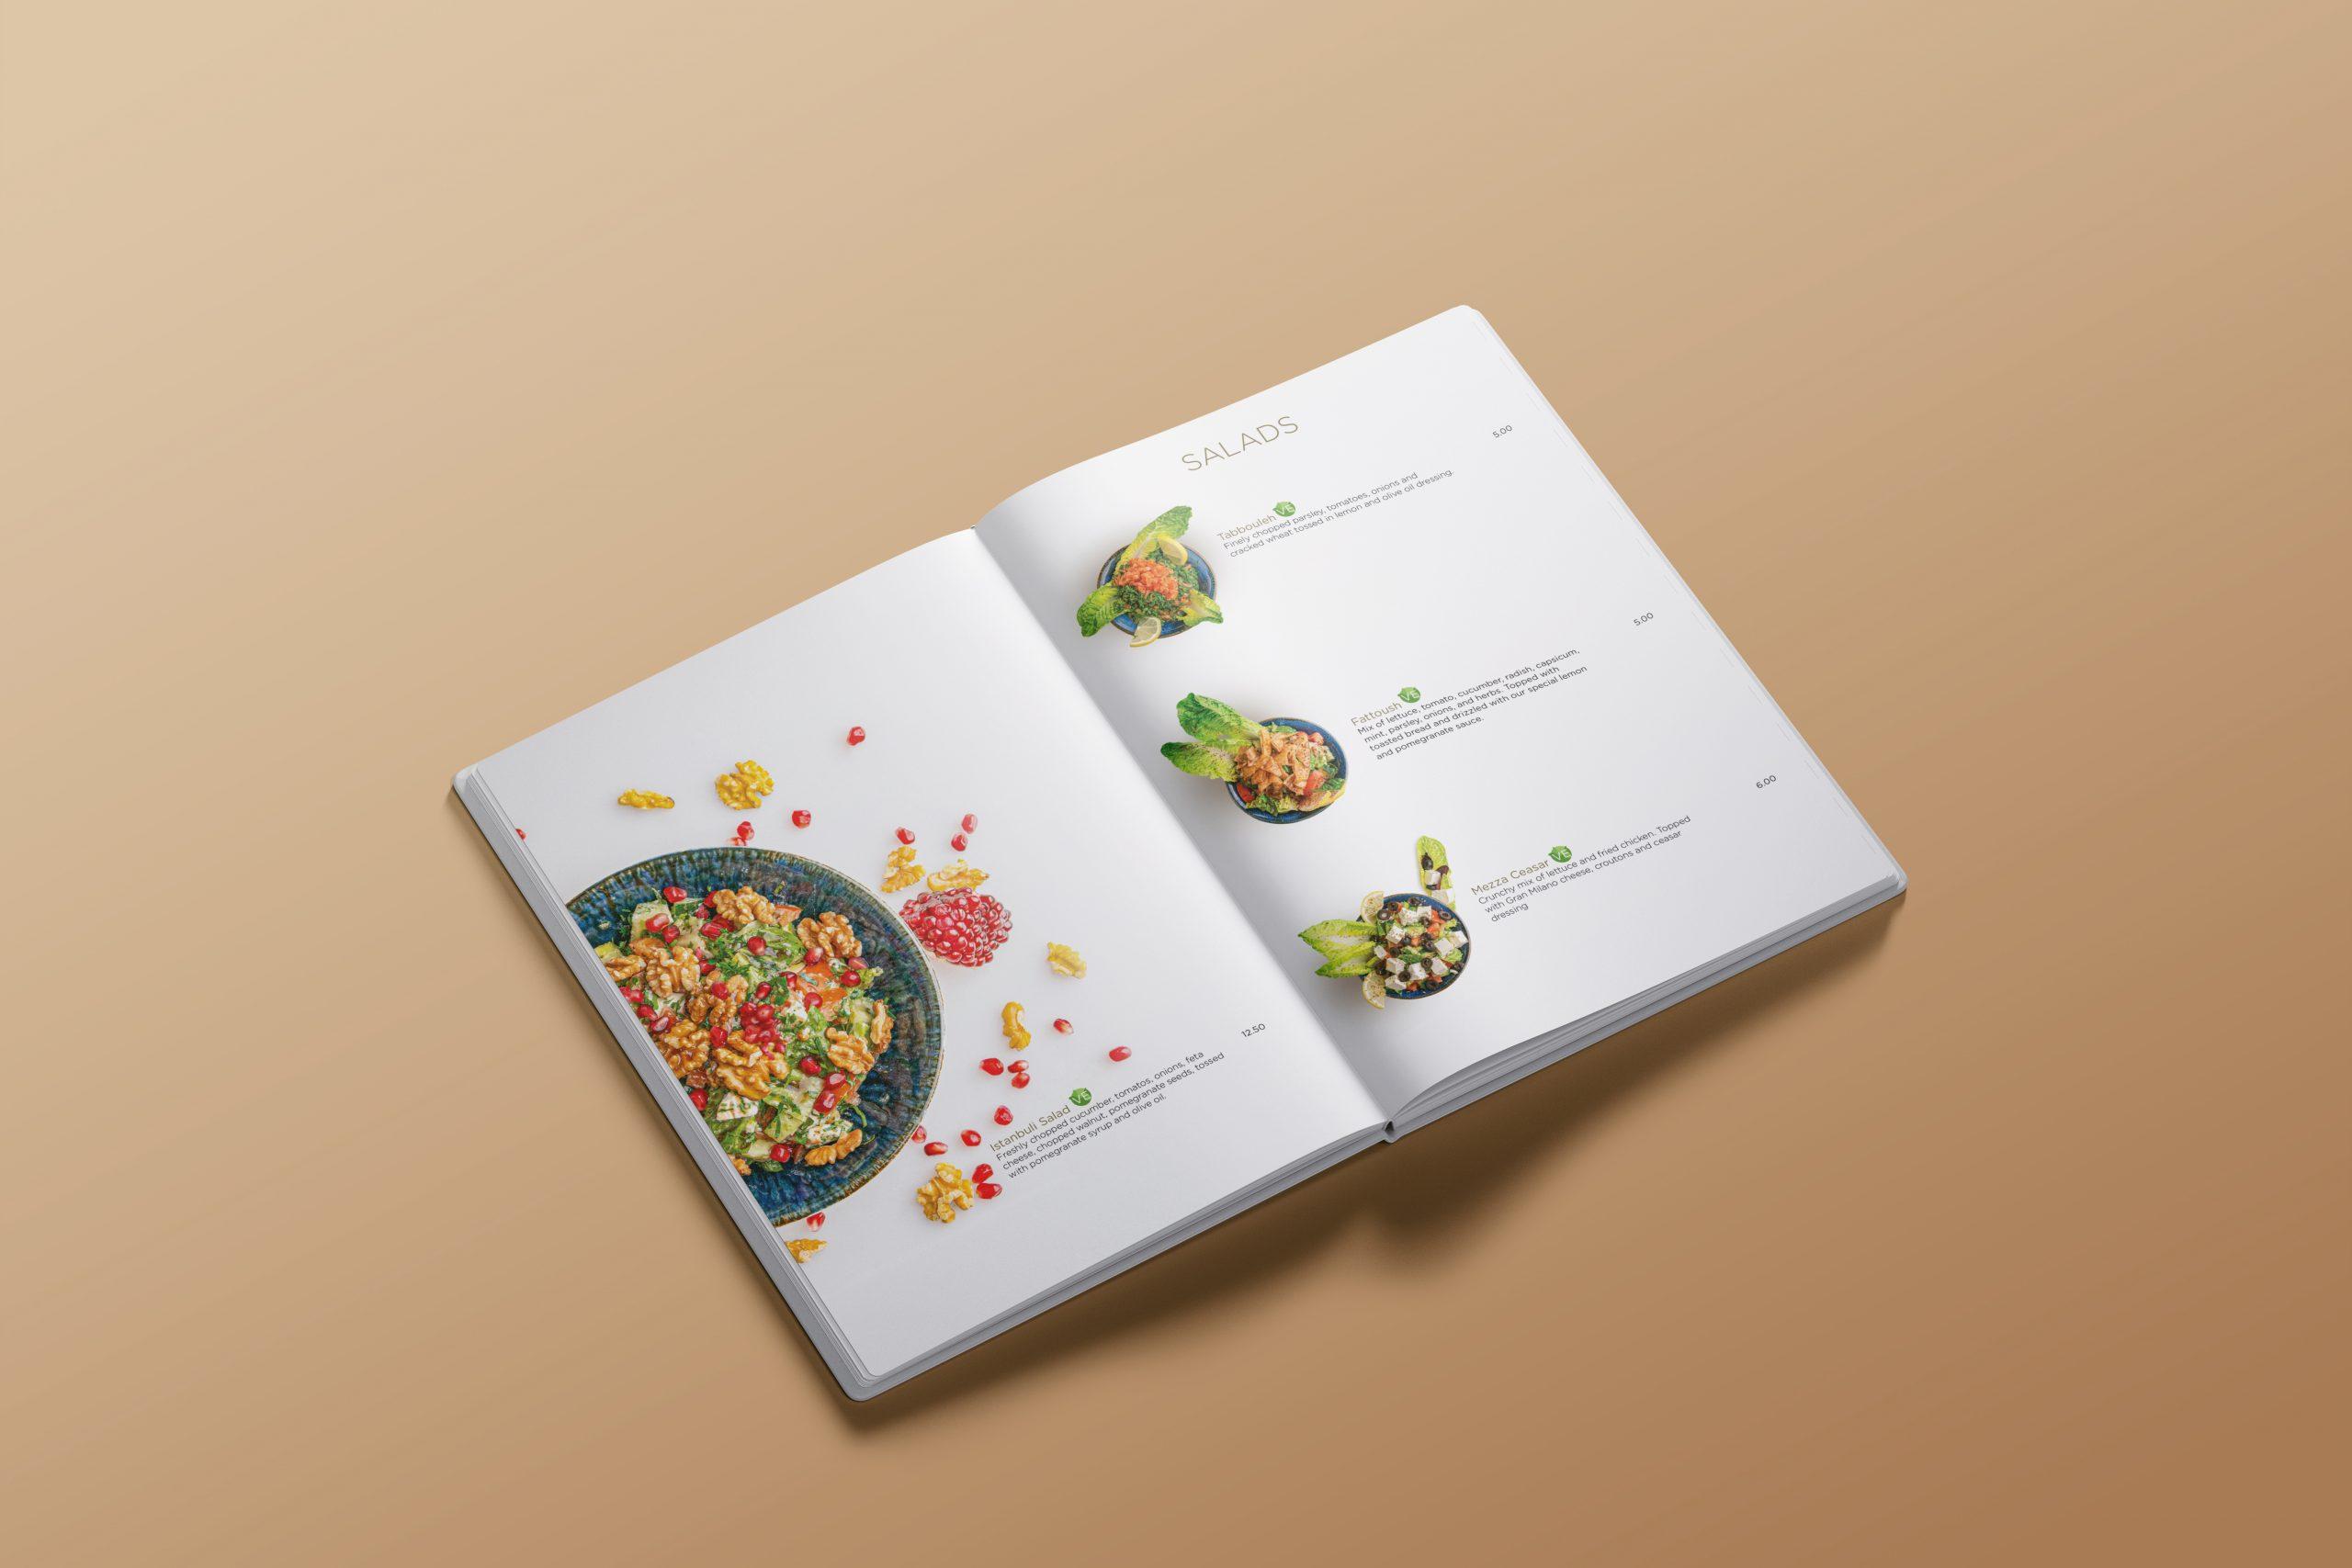 Mezza menu inside